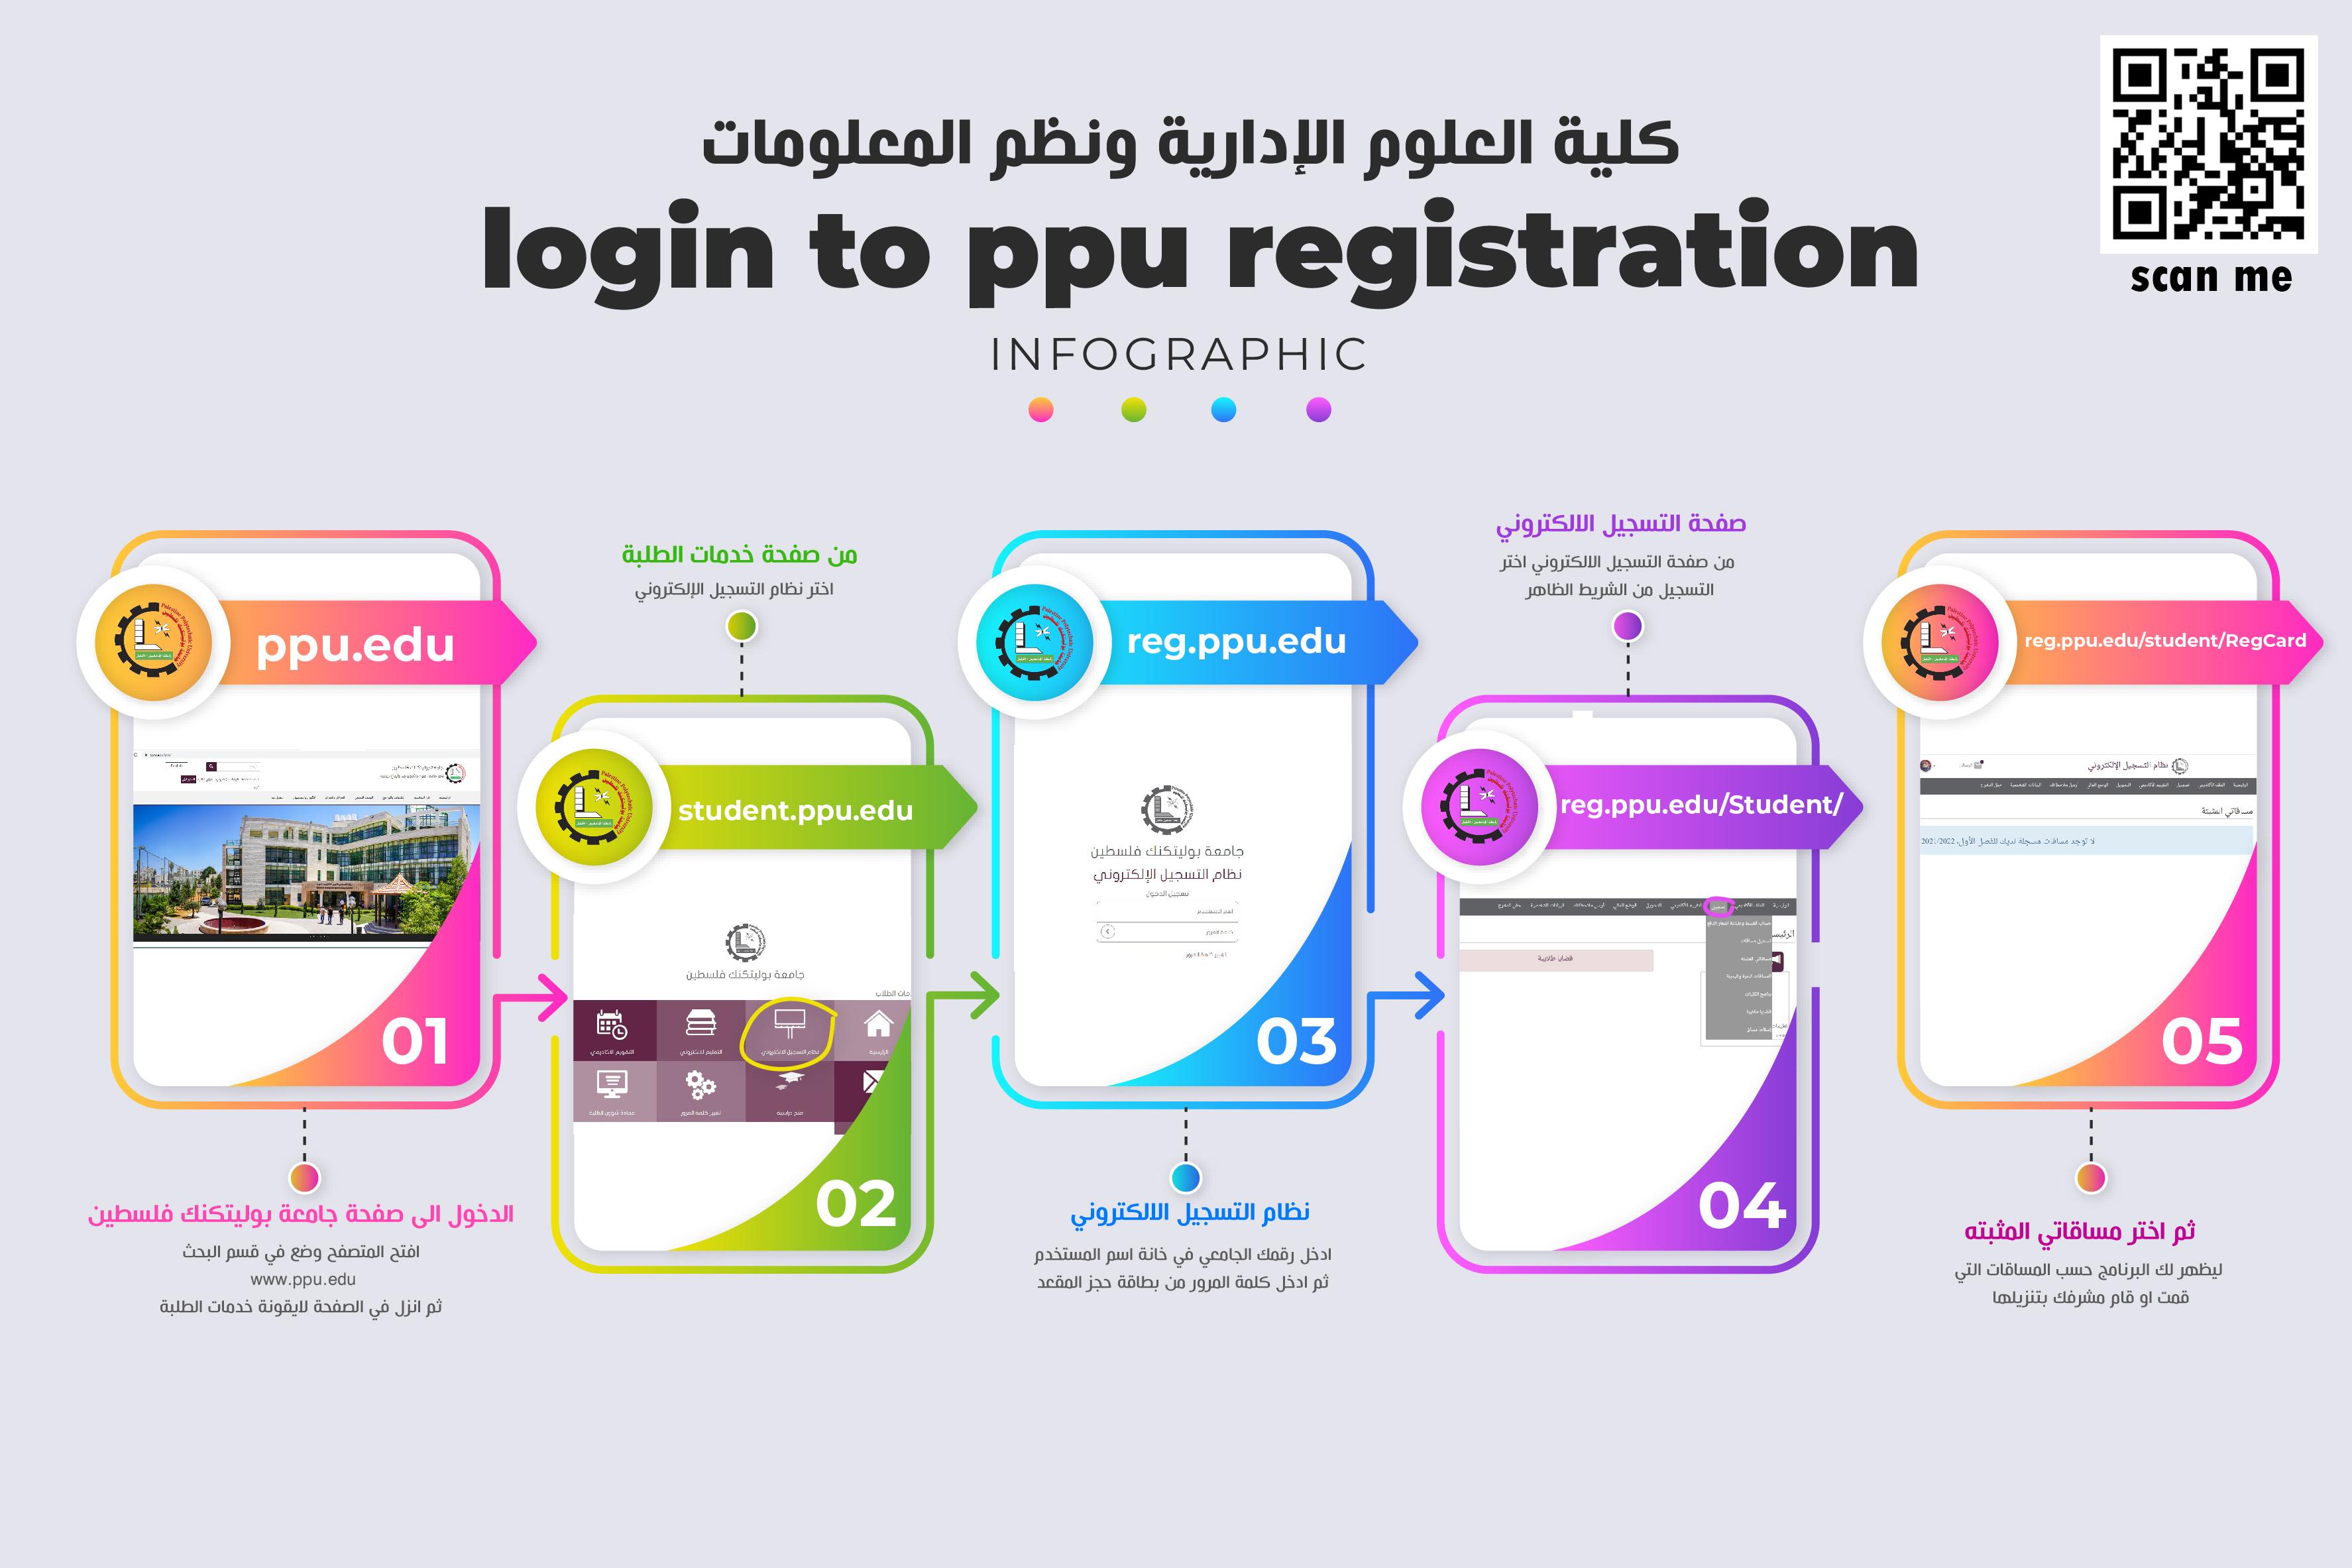 Palestine Polytechnic University (PPU) - المخطط التفصيلي لاستخدام موقع التسجيل | خاص بالطلبة الجدد